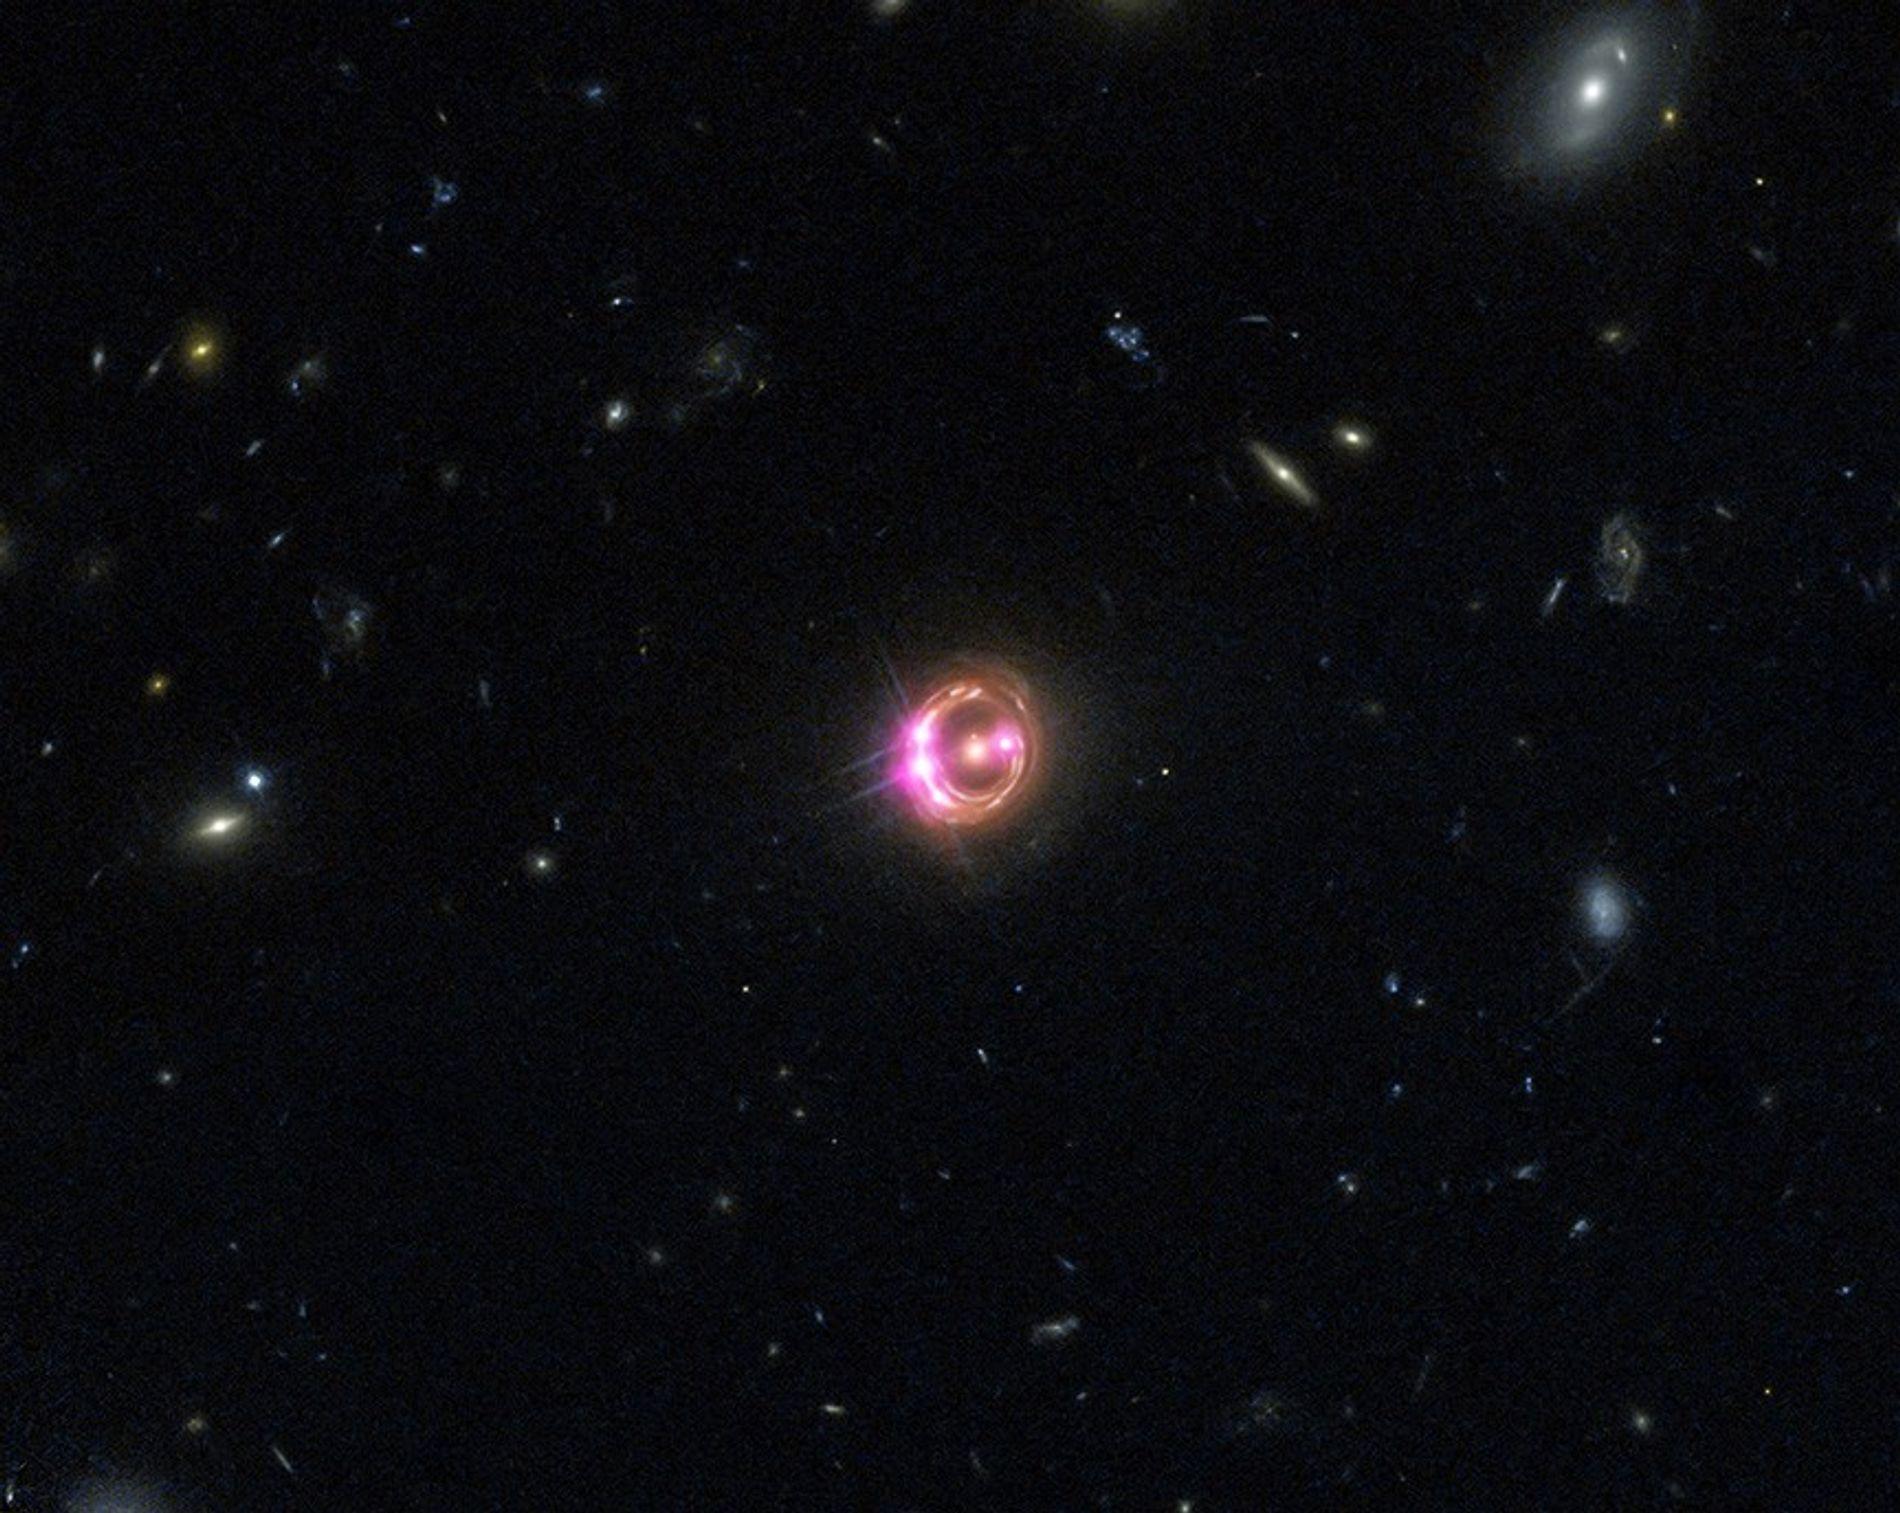 Varias imágenes de un cuásar distante se ven en esta imagen combinada del Observatorio Chandra de rayos X y el telescopio espacial Hubble de la NASA. Una gran galaxia en primer plano curva tanto la luz del cuásar que actúa como lente, provocando la aparente duplicación.